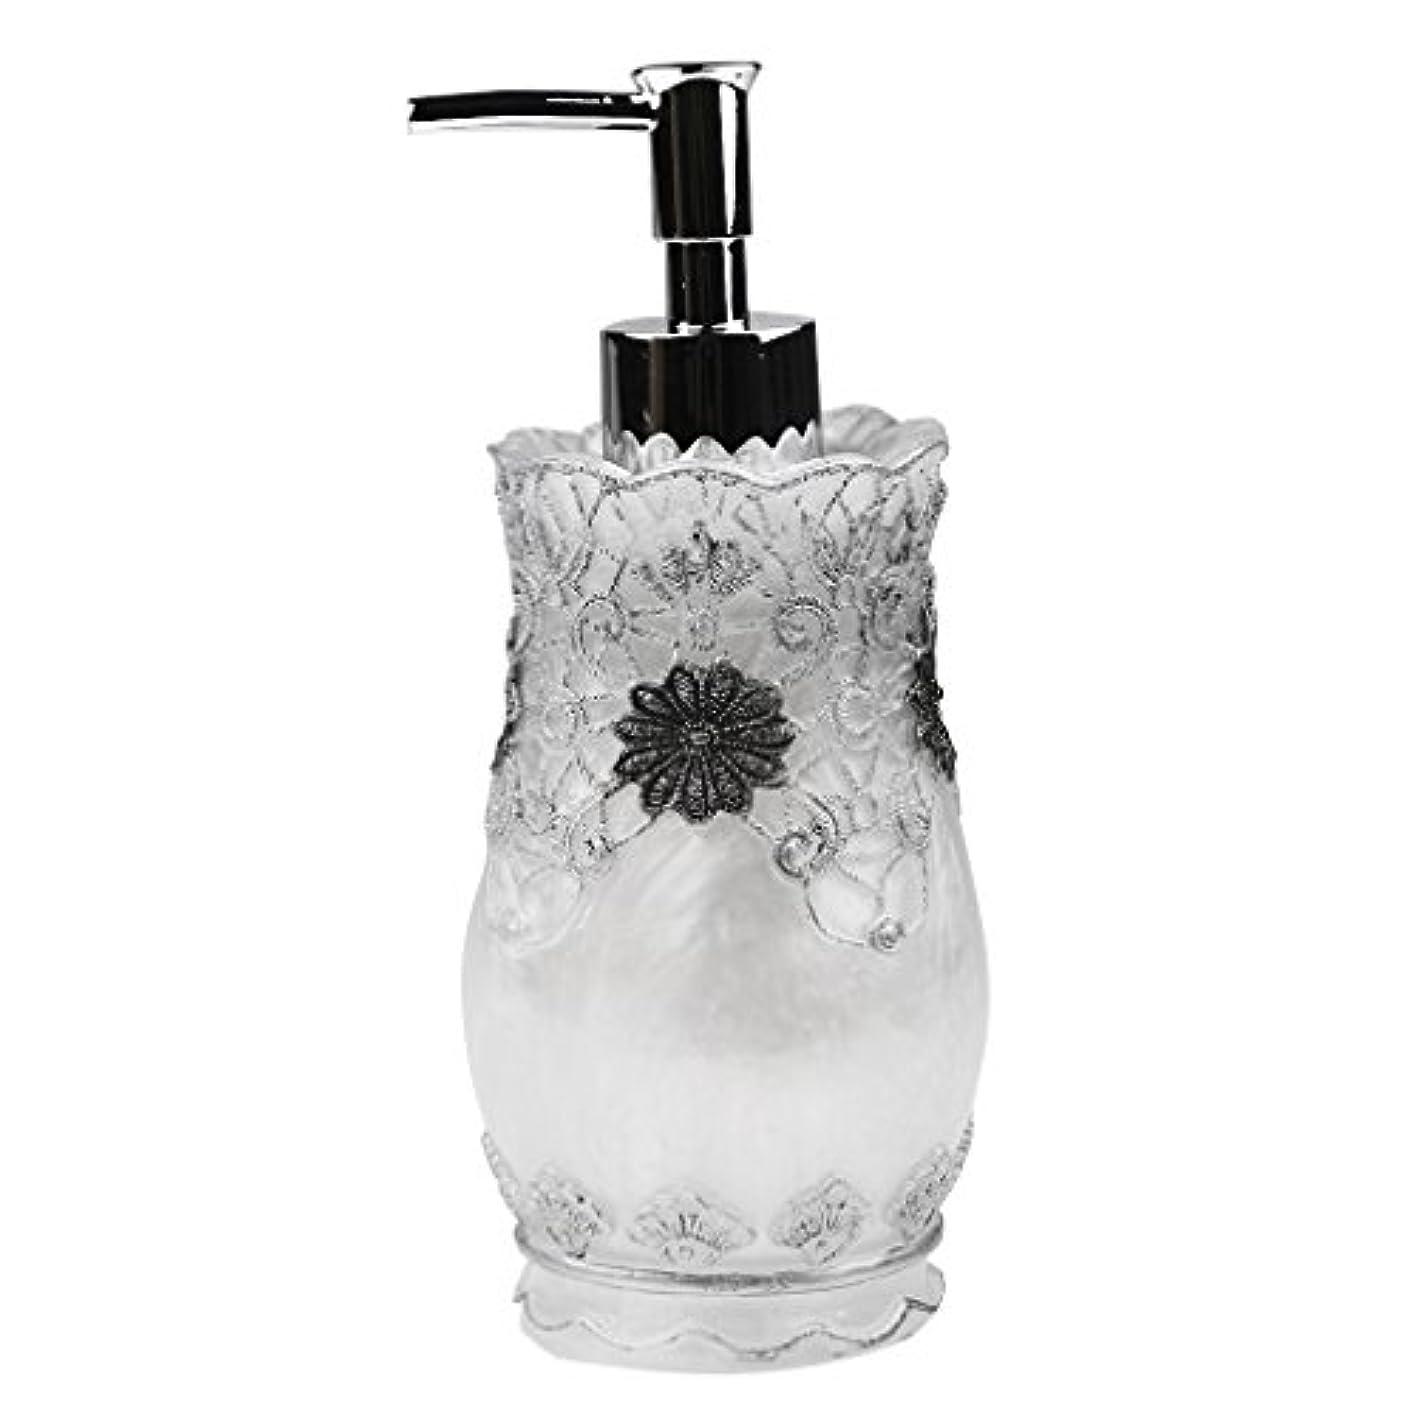 主観的外交セーブシャンプー ボディークレンザー 液体石鹸などローション適用 詰め替え 樹脂 空 ポンプ瓶 全4種類 - #2